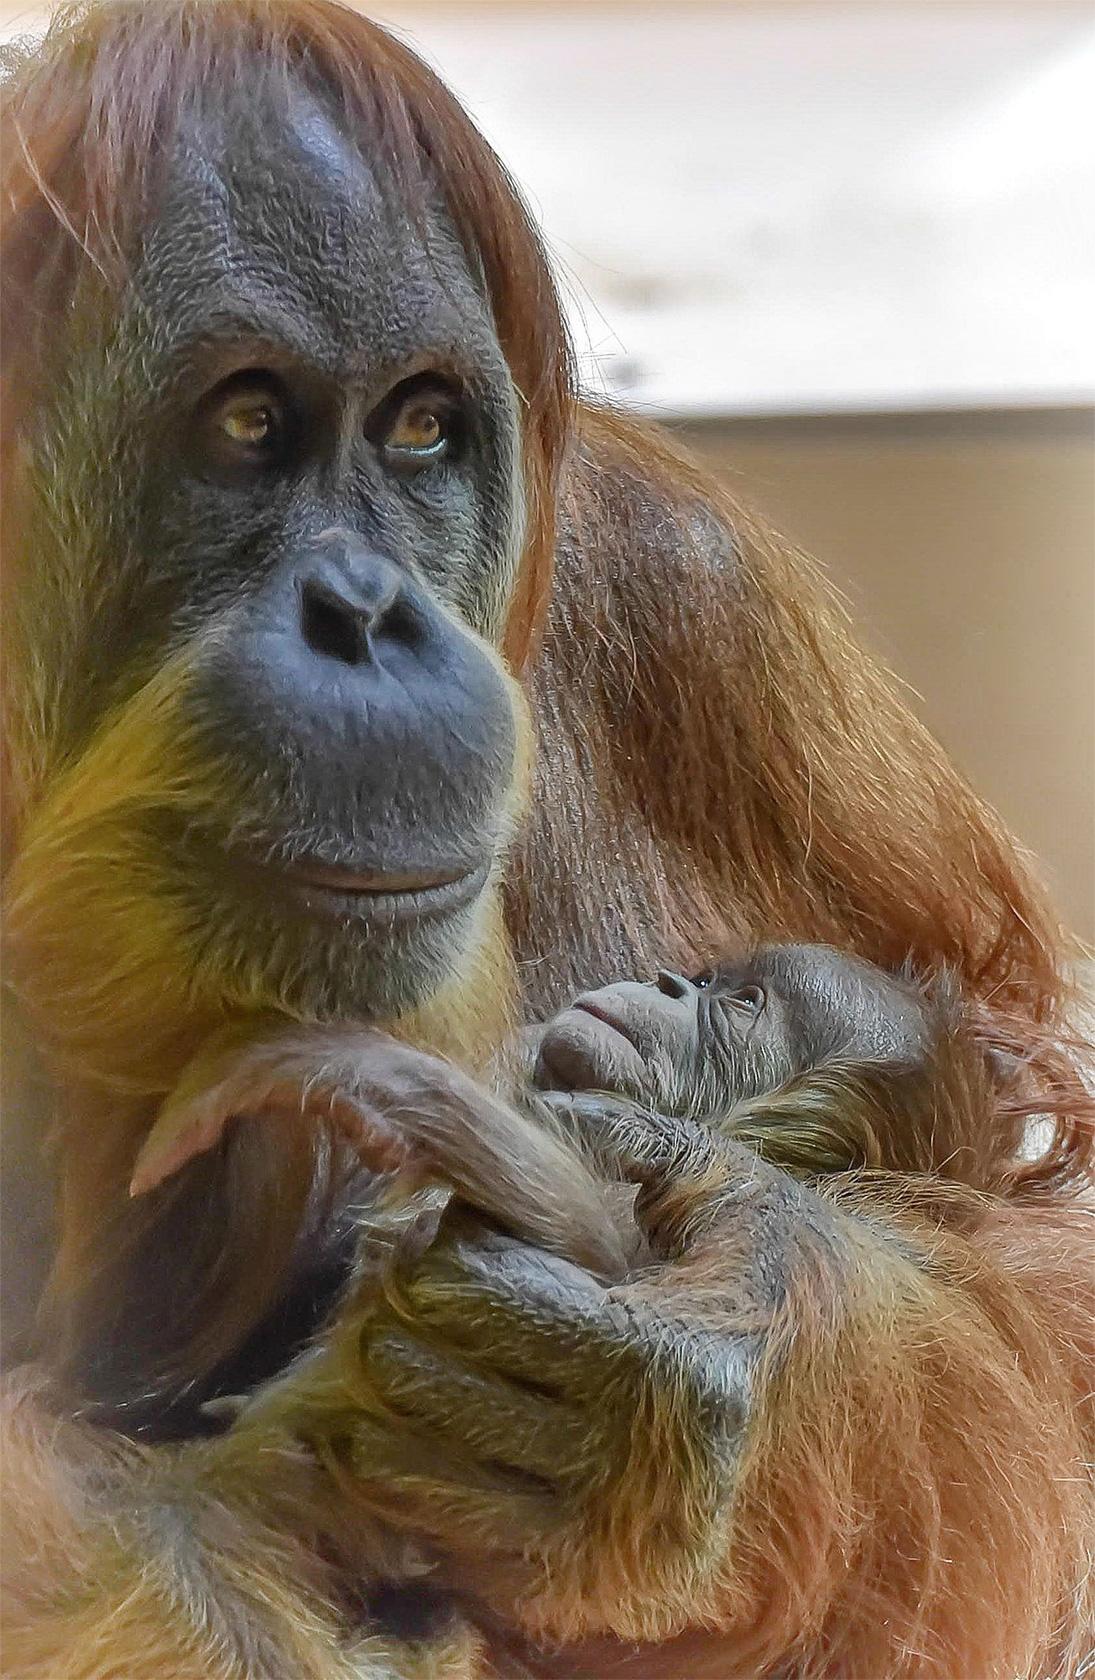 orang utan baby in hellabrunn ist siebtes mitglied der orang utan gruppe im m nchner tierpark. Black Bedroom Furniture Sets. Home Design Ideas